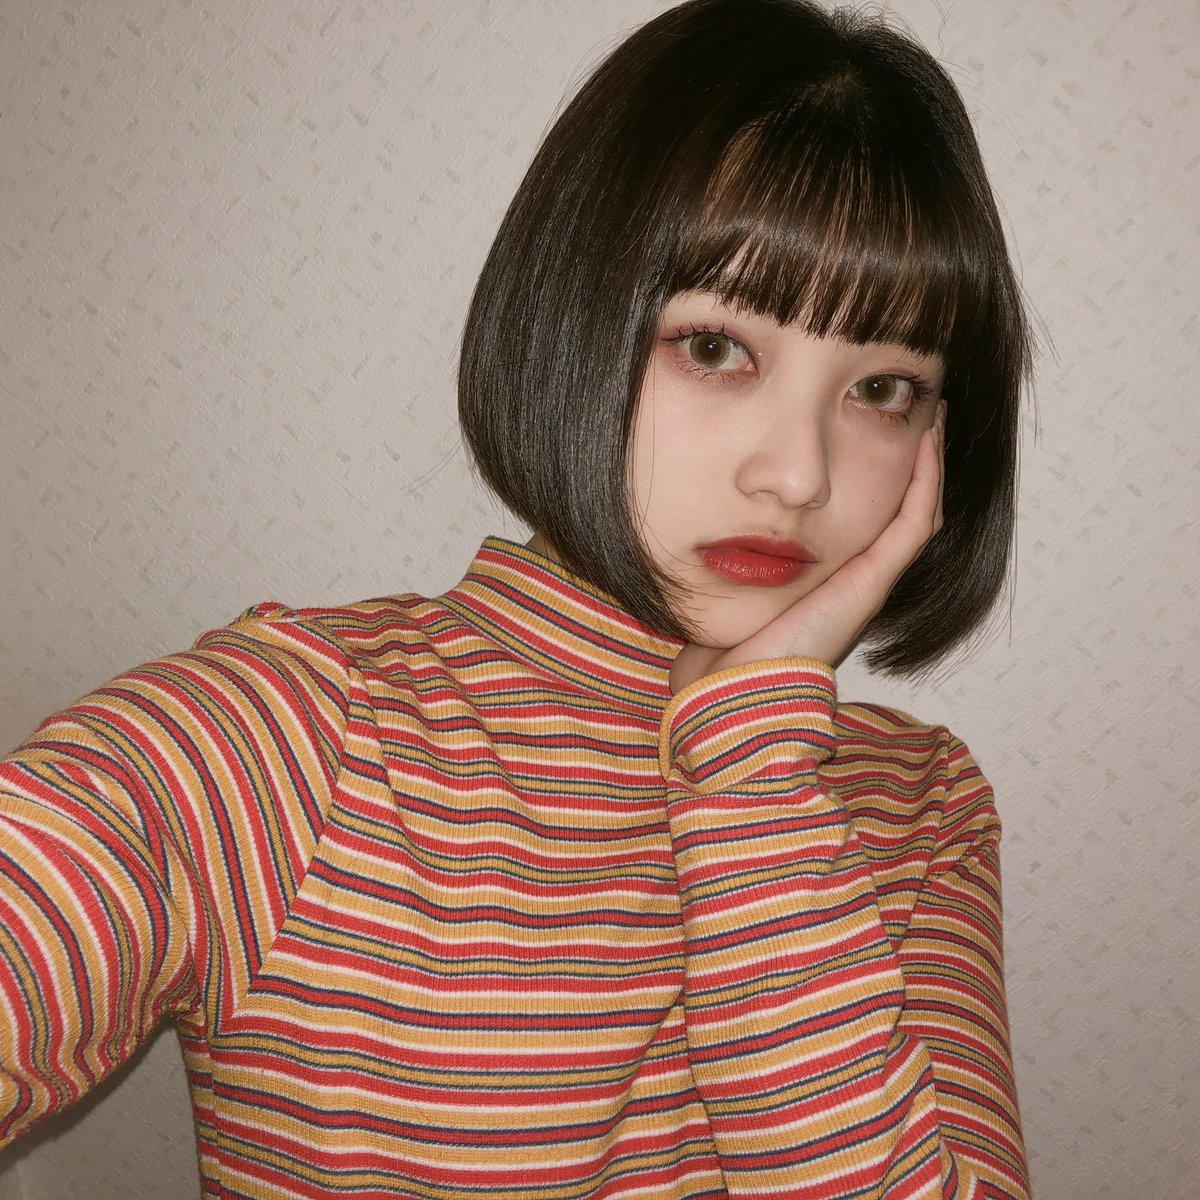 ♥️popteen1月号付録♥️ 【一重メイク】 今回は赤メイクしたよ✨ アイシャドウの色が可愛い〜♡ 発色もよくて使いやすいよ!!  皆も是非GETして真似してみてね👀 #popteen #一重メイク  #あやみん